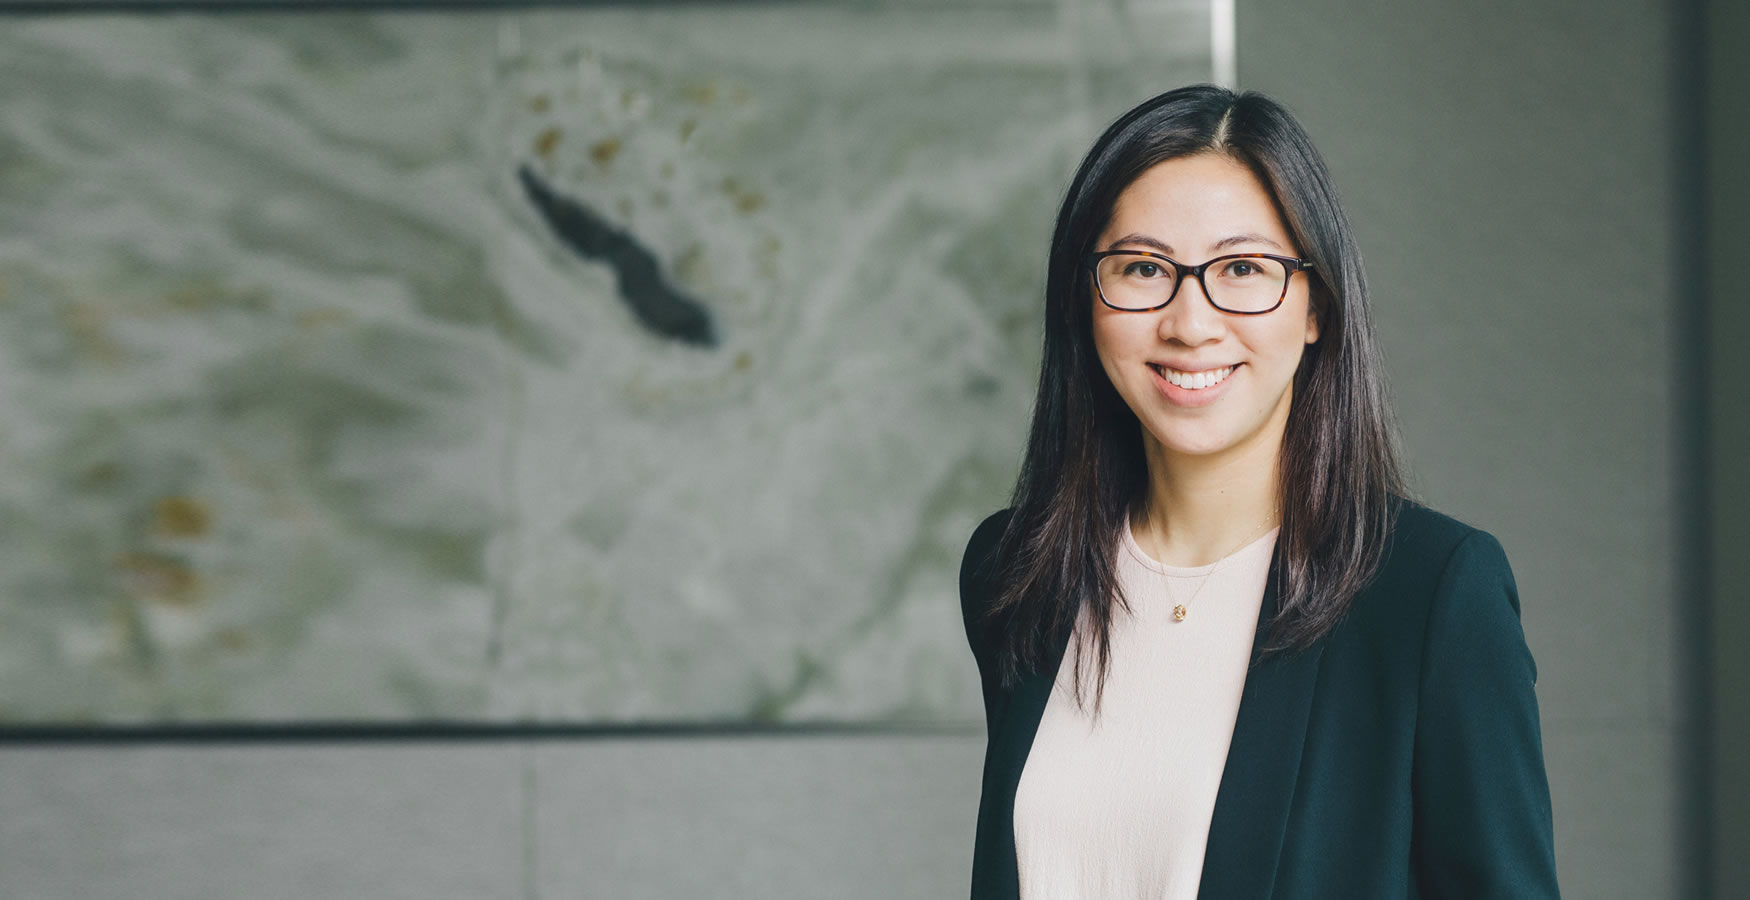 Jasmine Chung